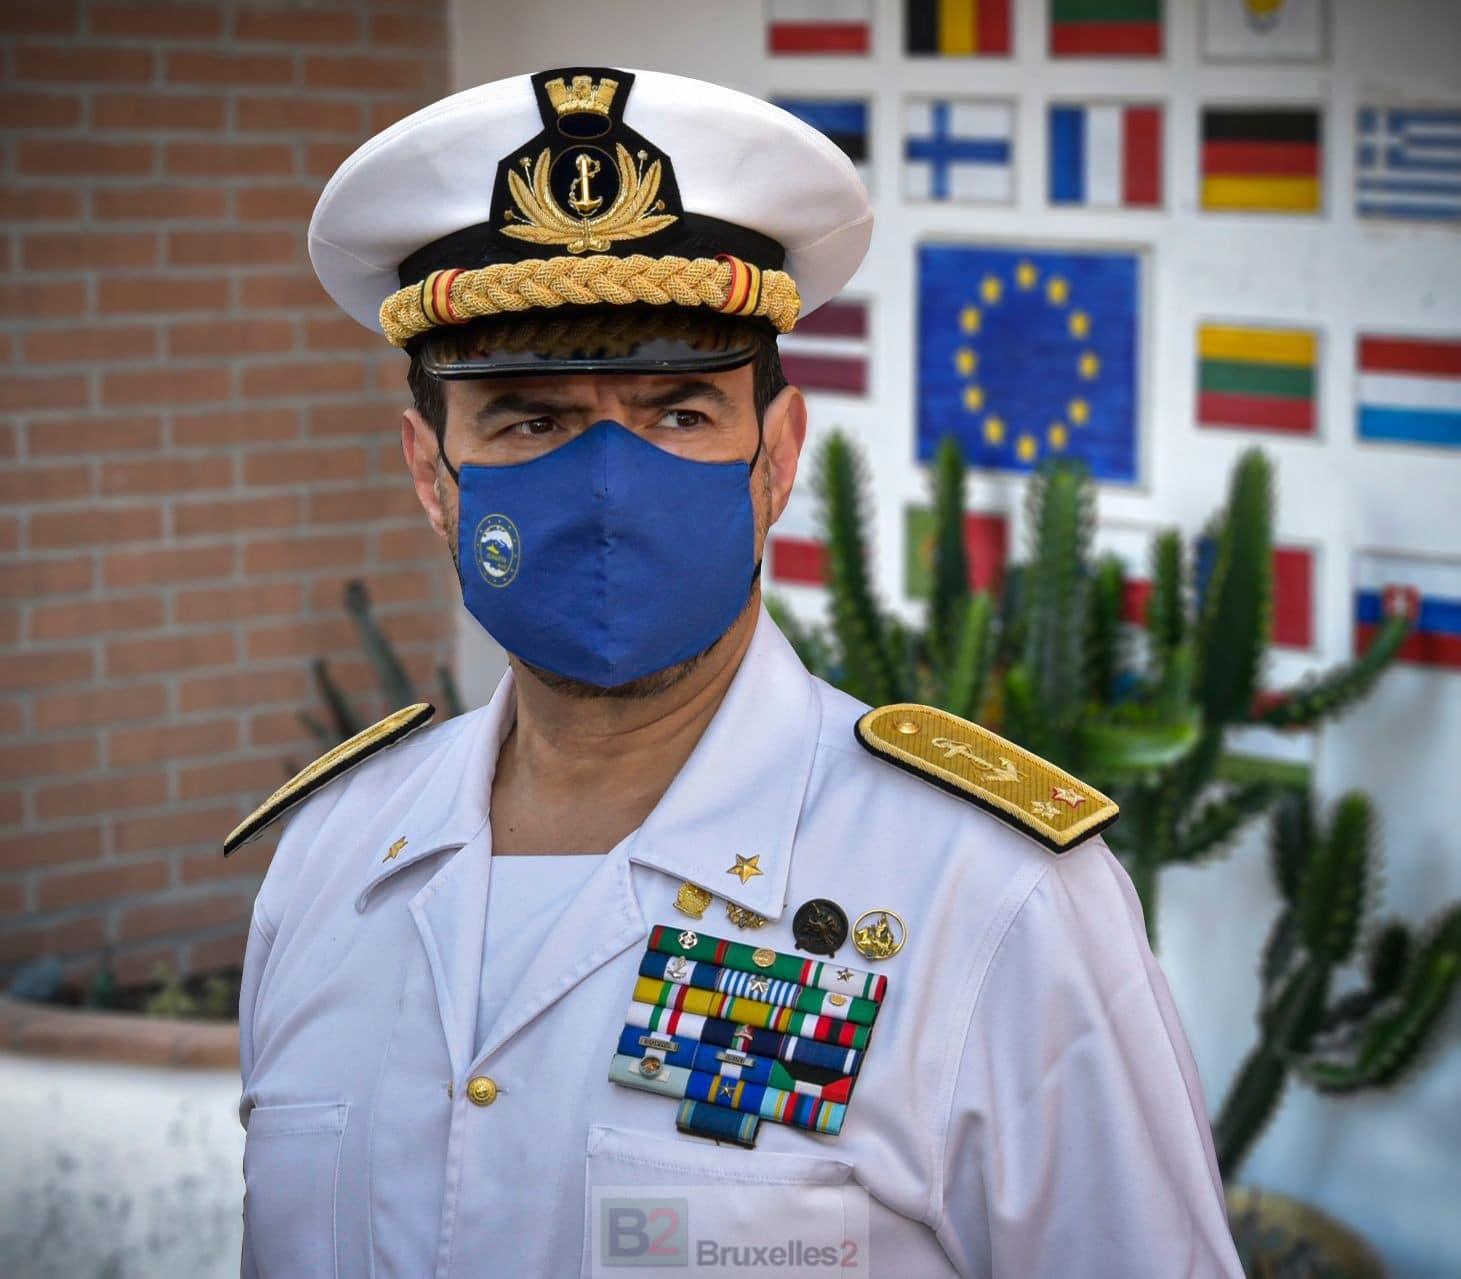 Sécurité en Méditerranée. Deux jours pour réfléchir, comprendre et partager des idées (Fabio Agostini) - B2 Le blog de l'Europe géopolitique